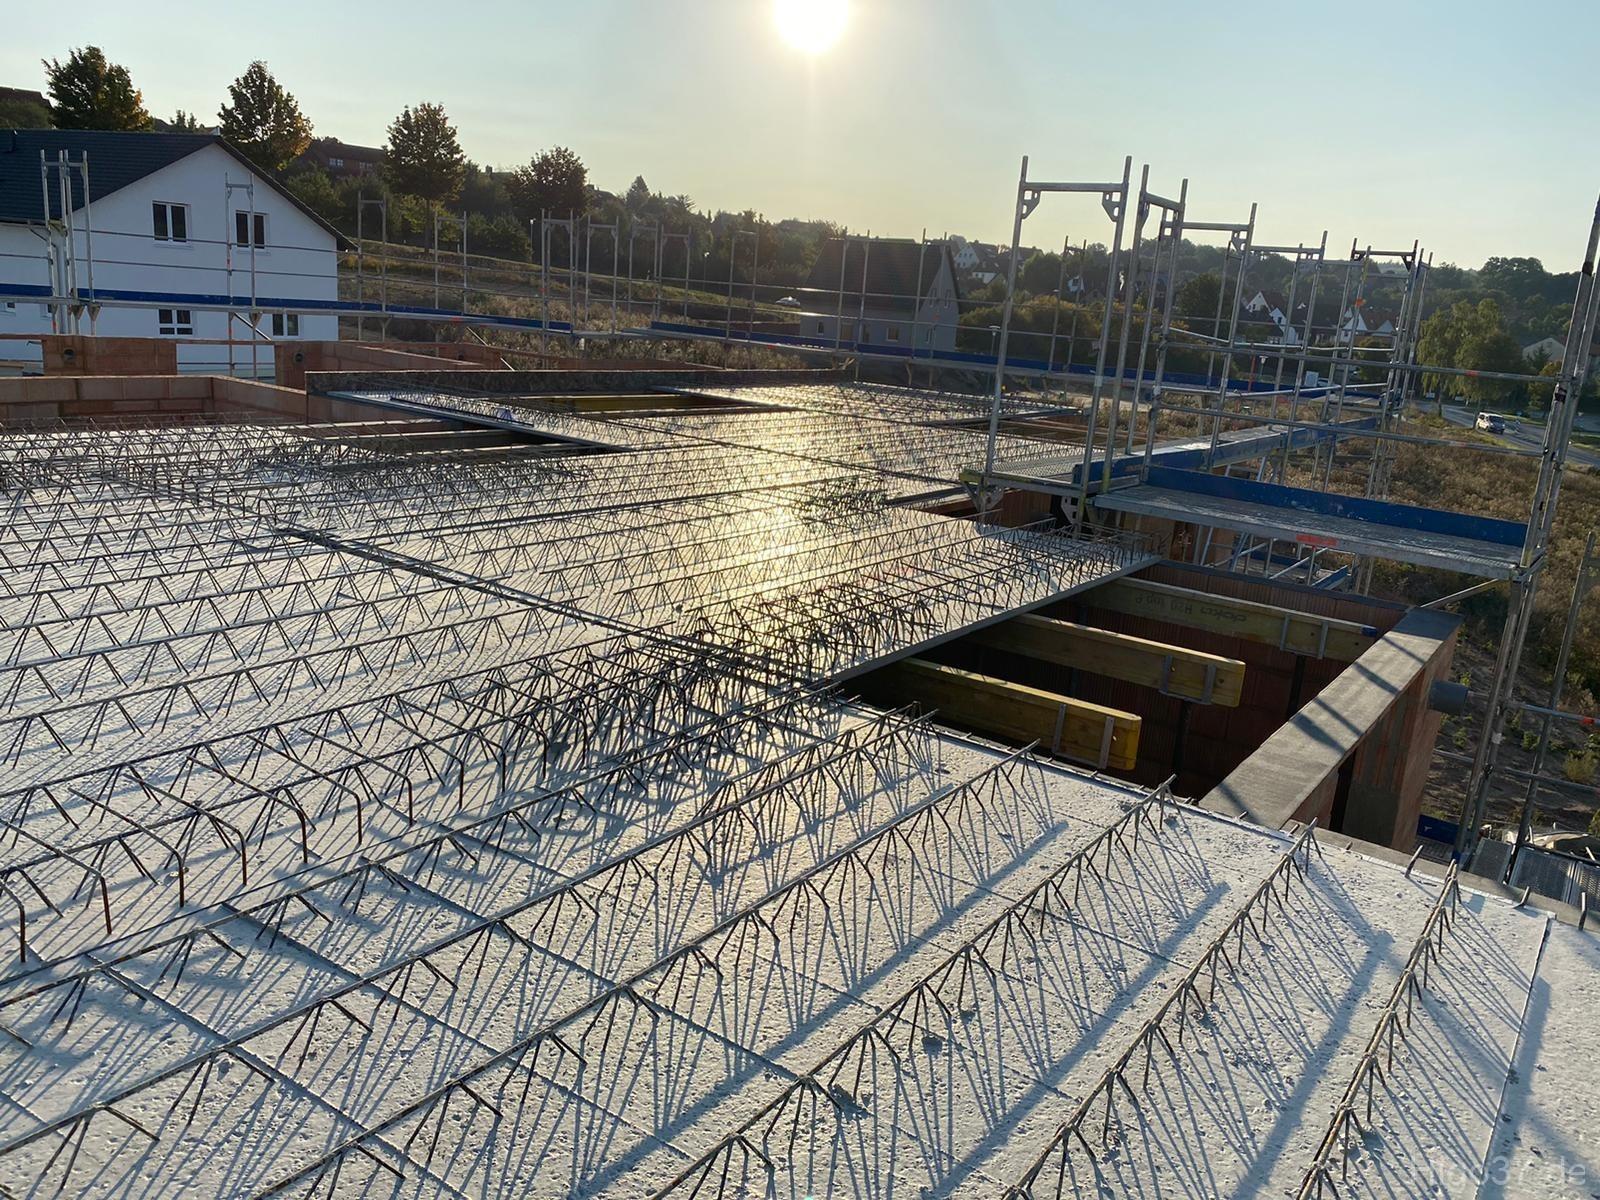 Baufortschritt Reinhausen Eigentumswohnungen Aussicht